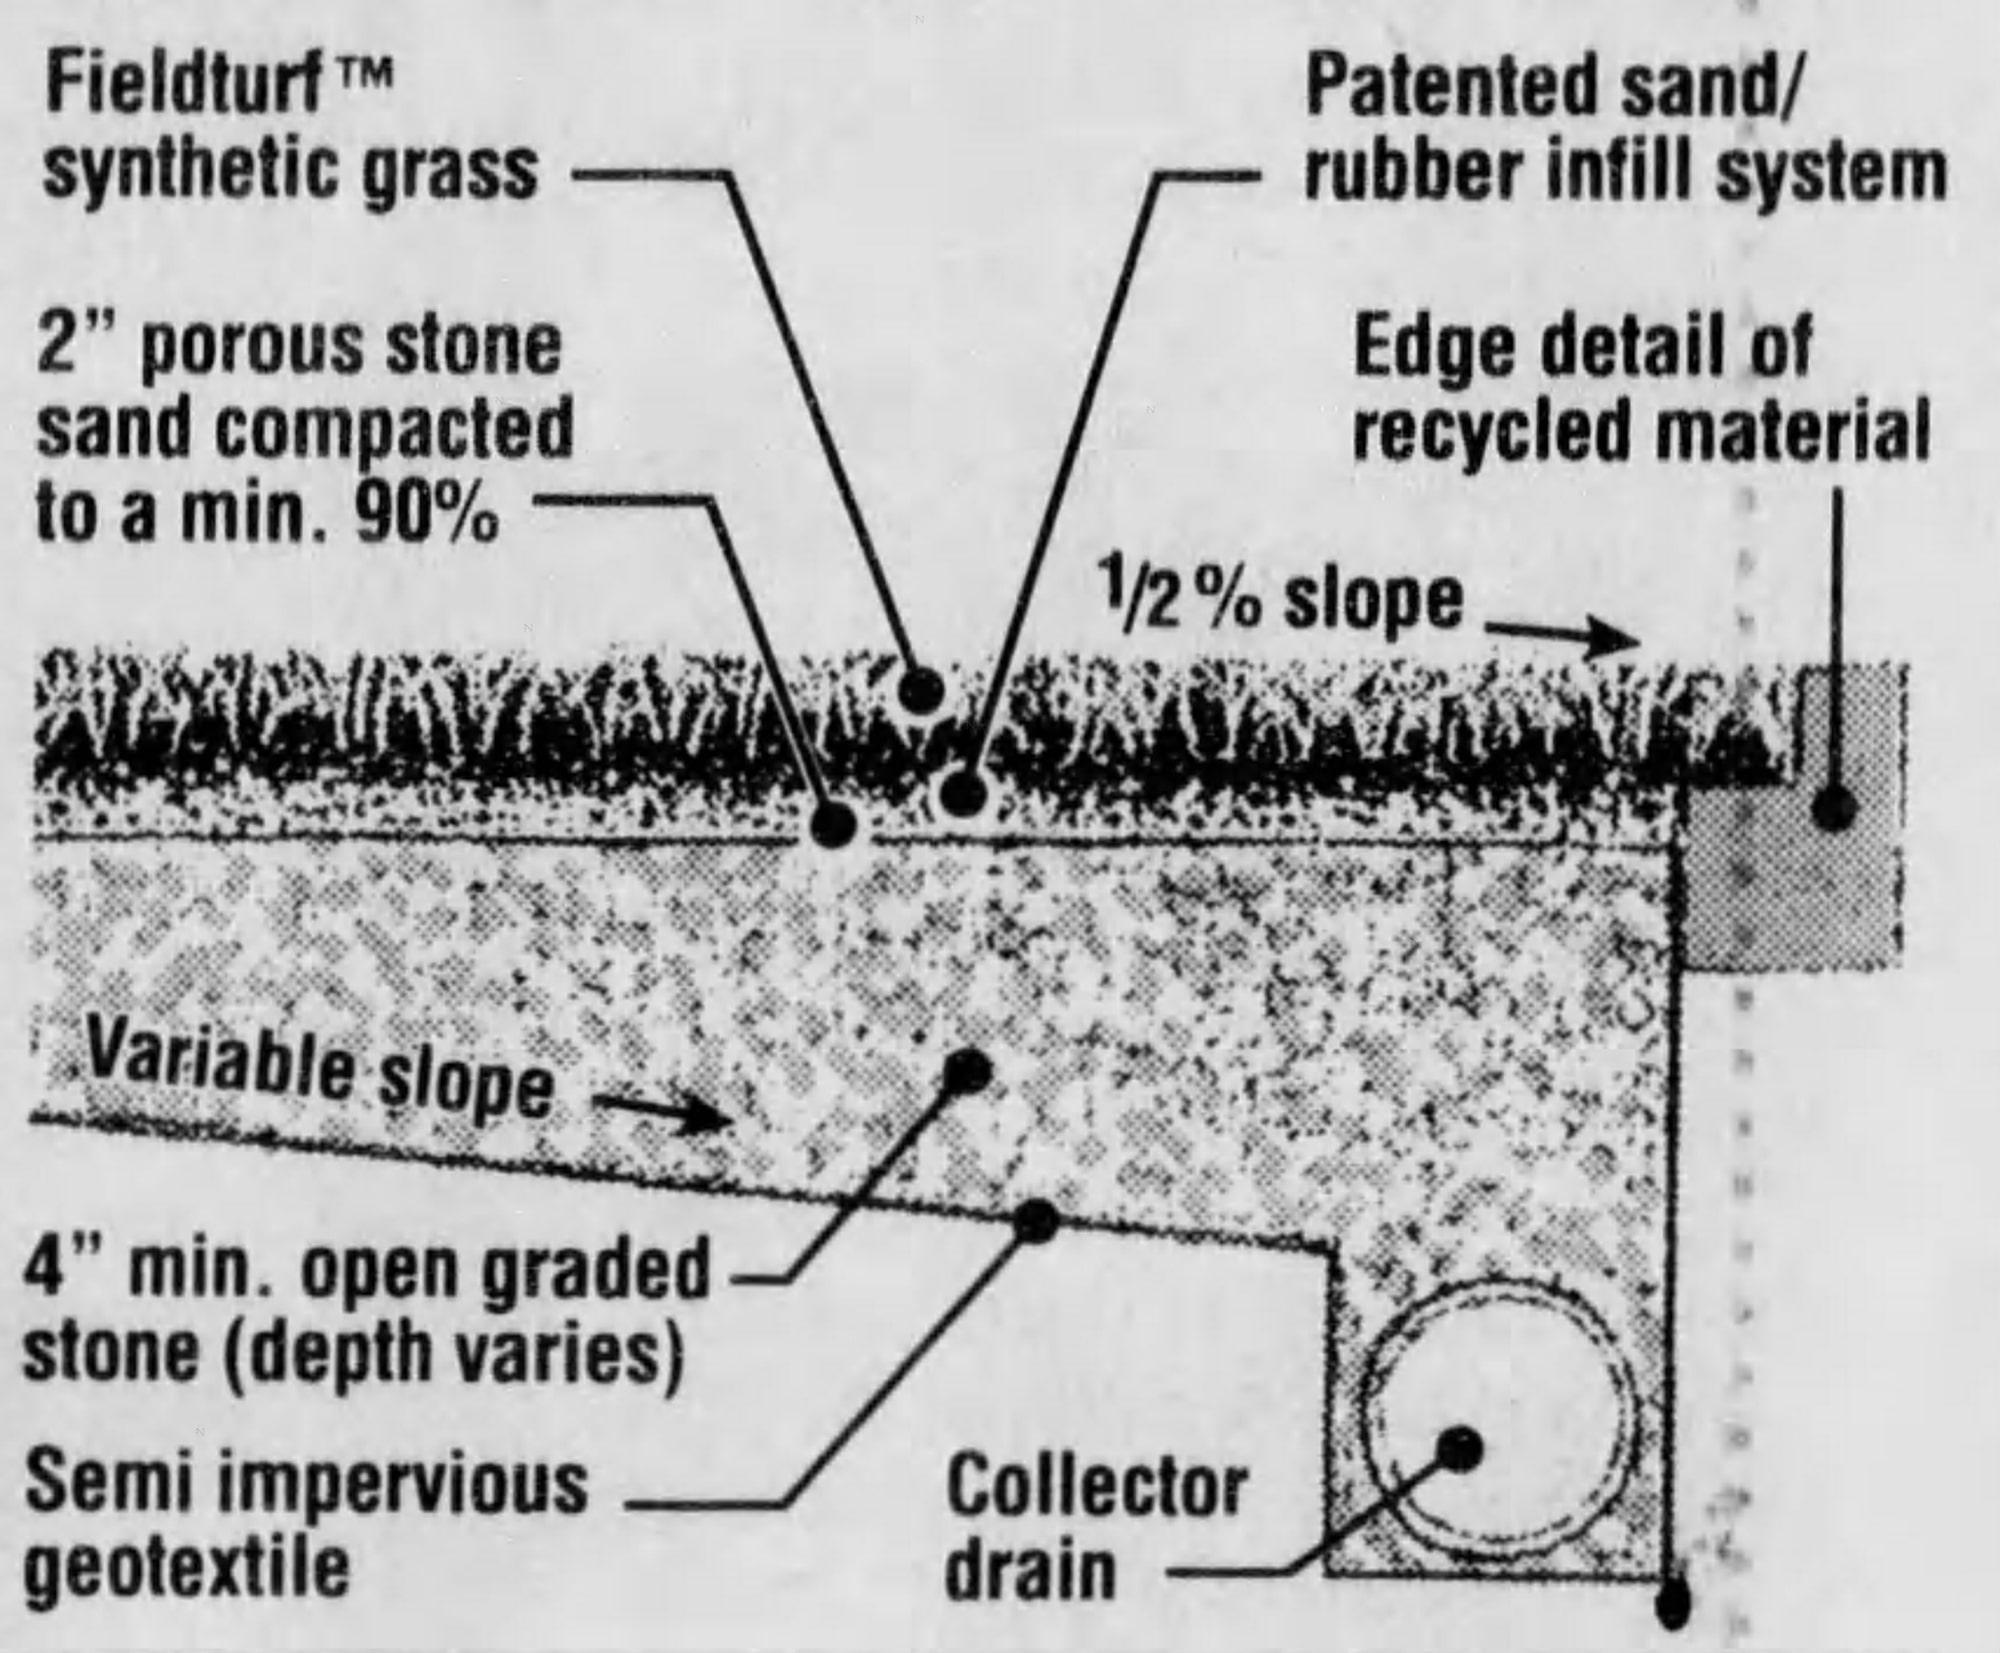 FieldTurf diagram, 2000. [Enquirer]